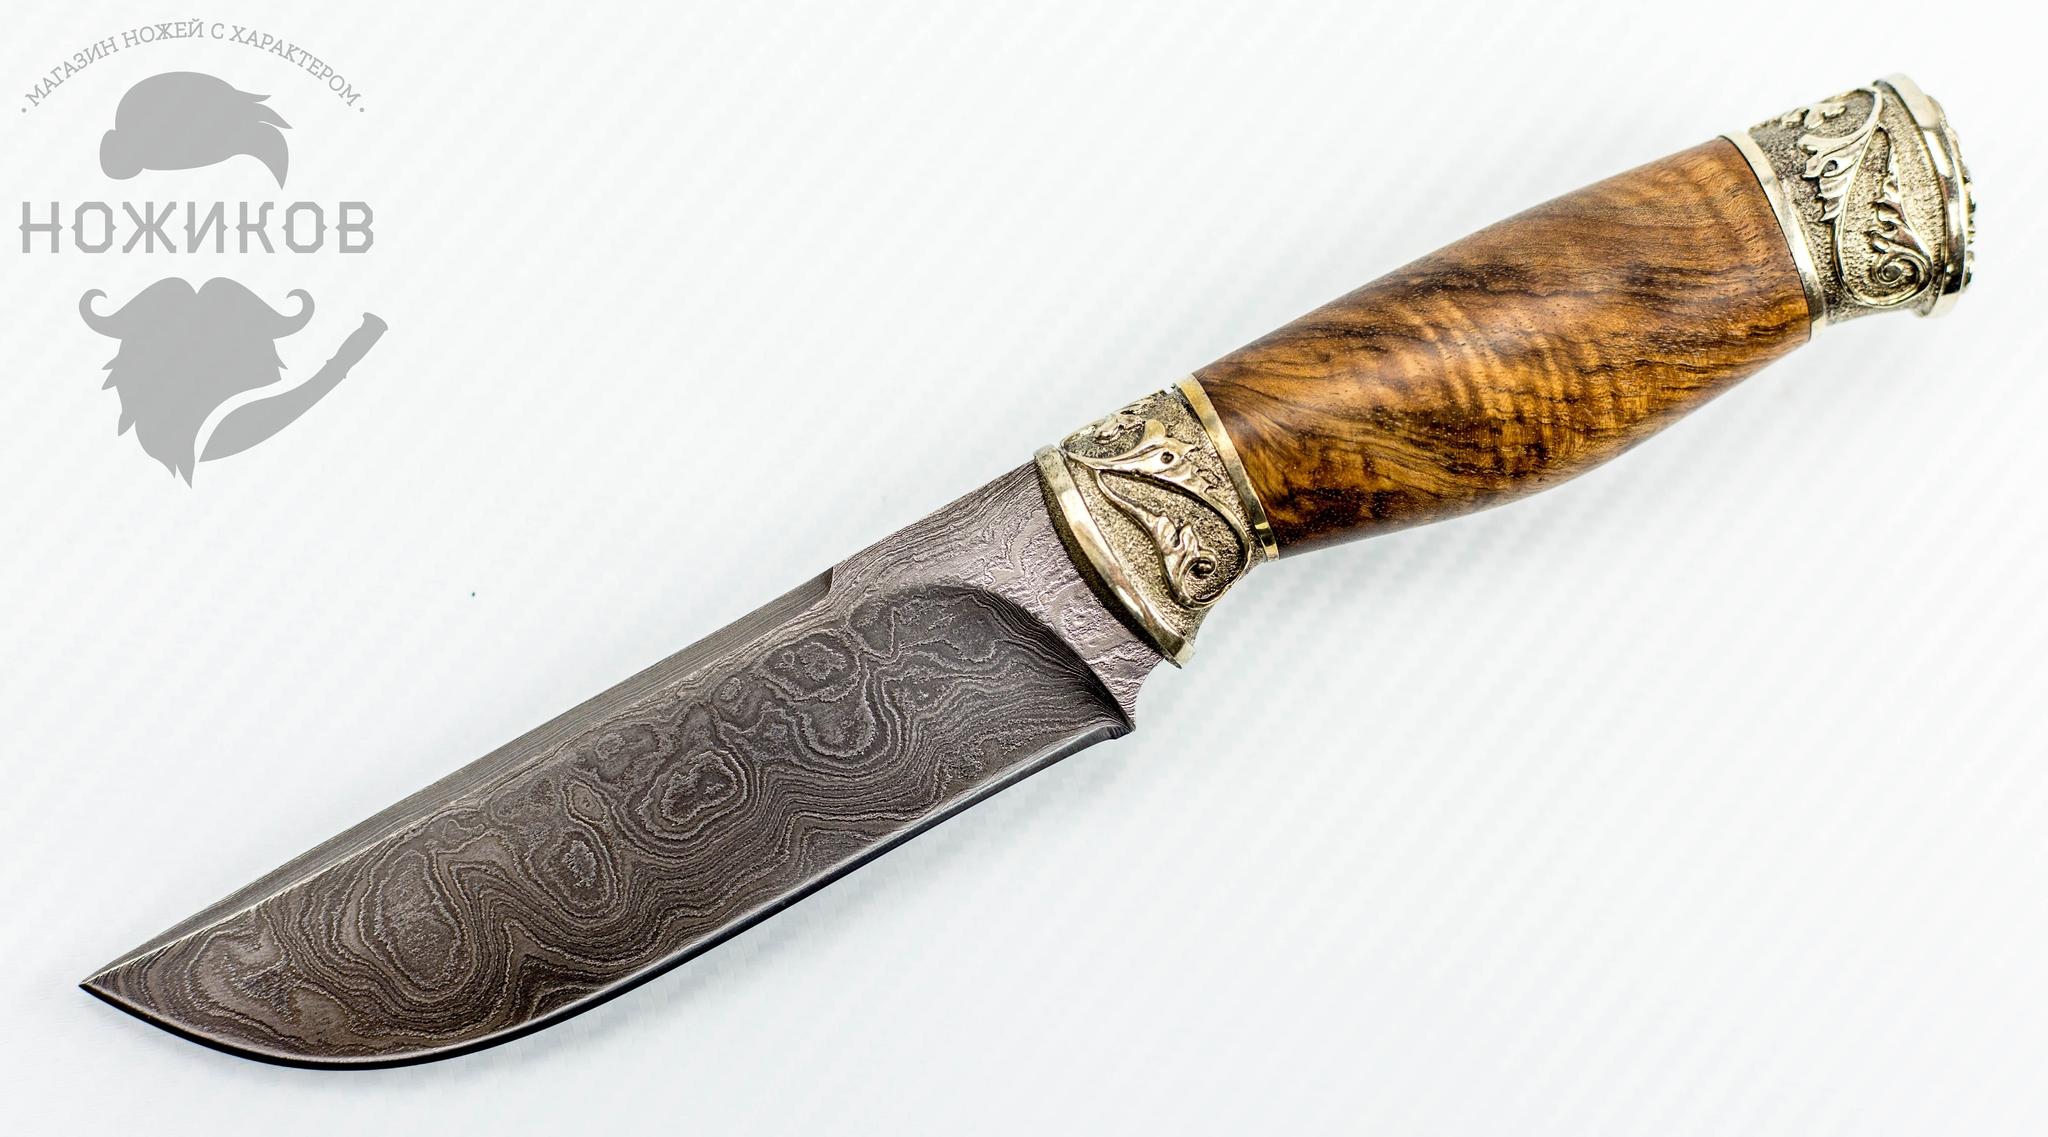 Авторский Нож из Дамаска №75, КизлярНожи Кизляр<br><br>